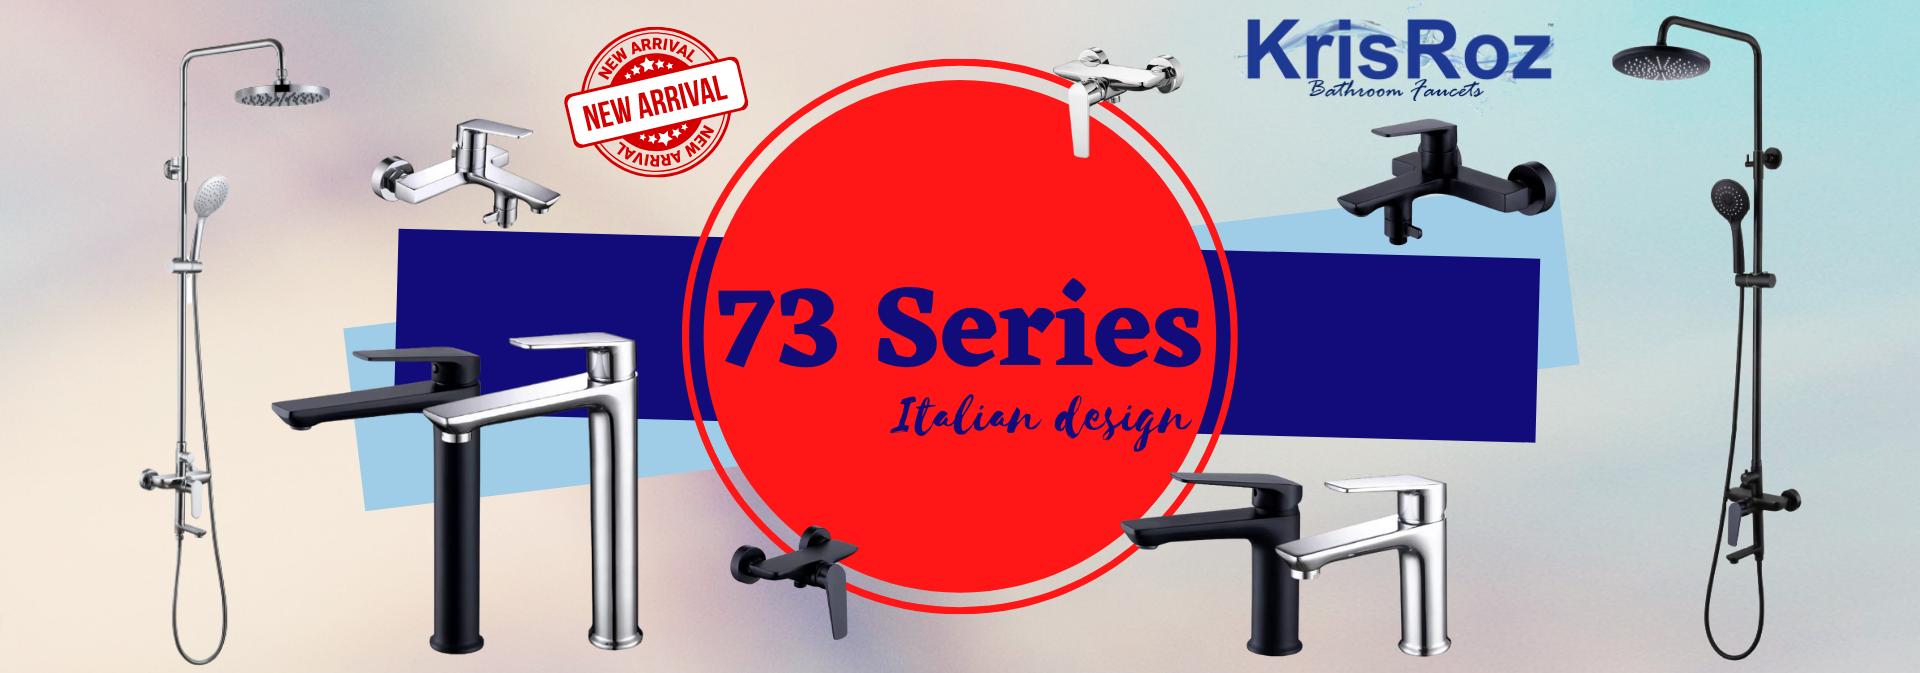 KrizRoz 73 Series